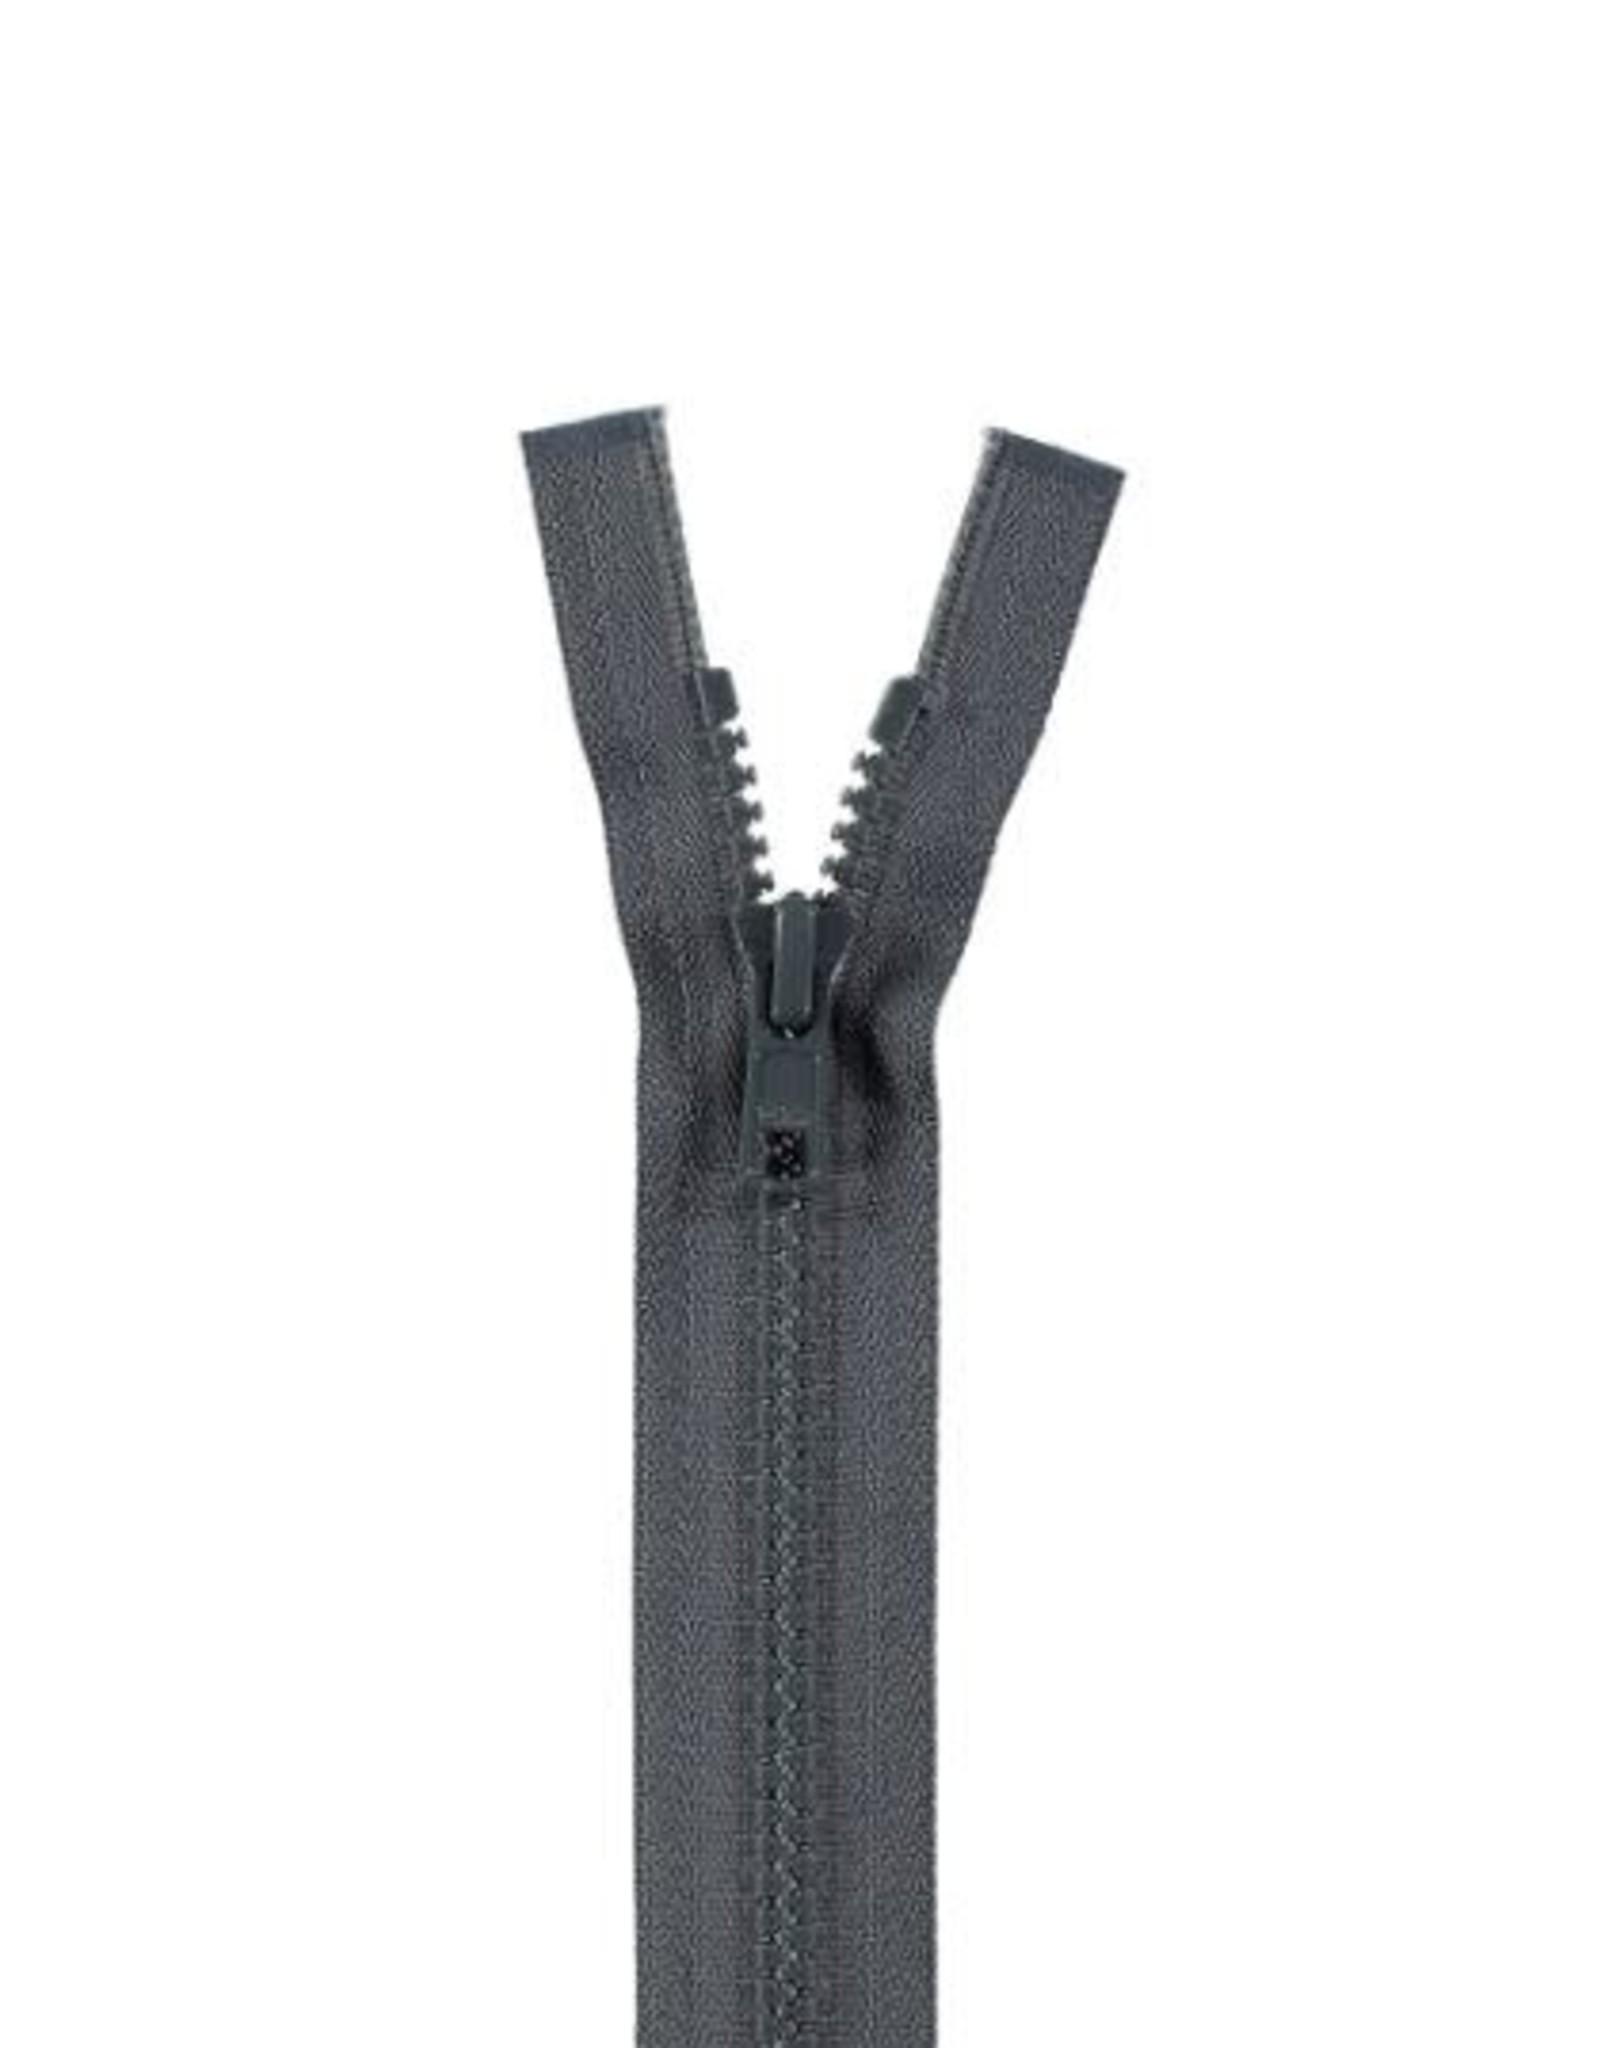 YKK BLOKRITS 5 DEELBAAR d. grijs 579-70cm